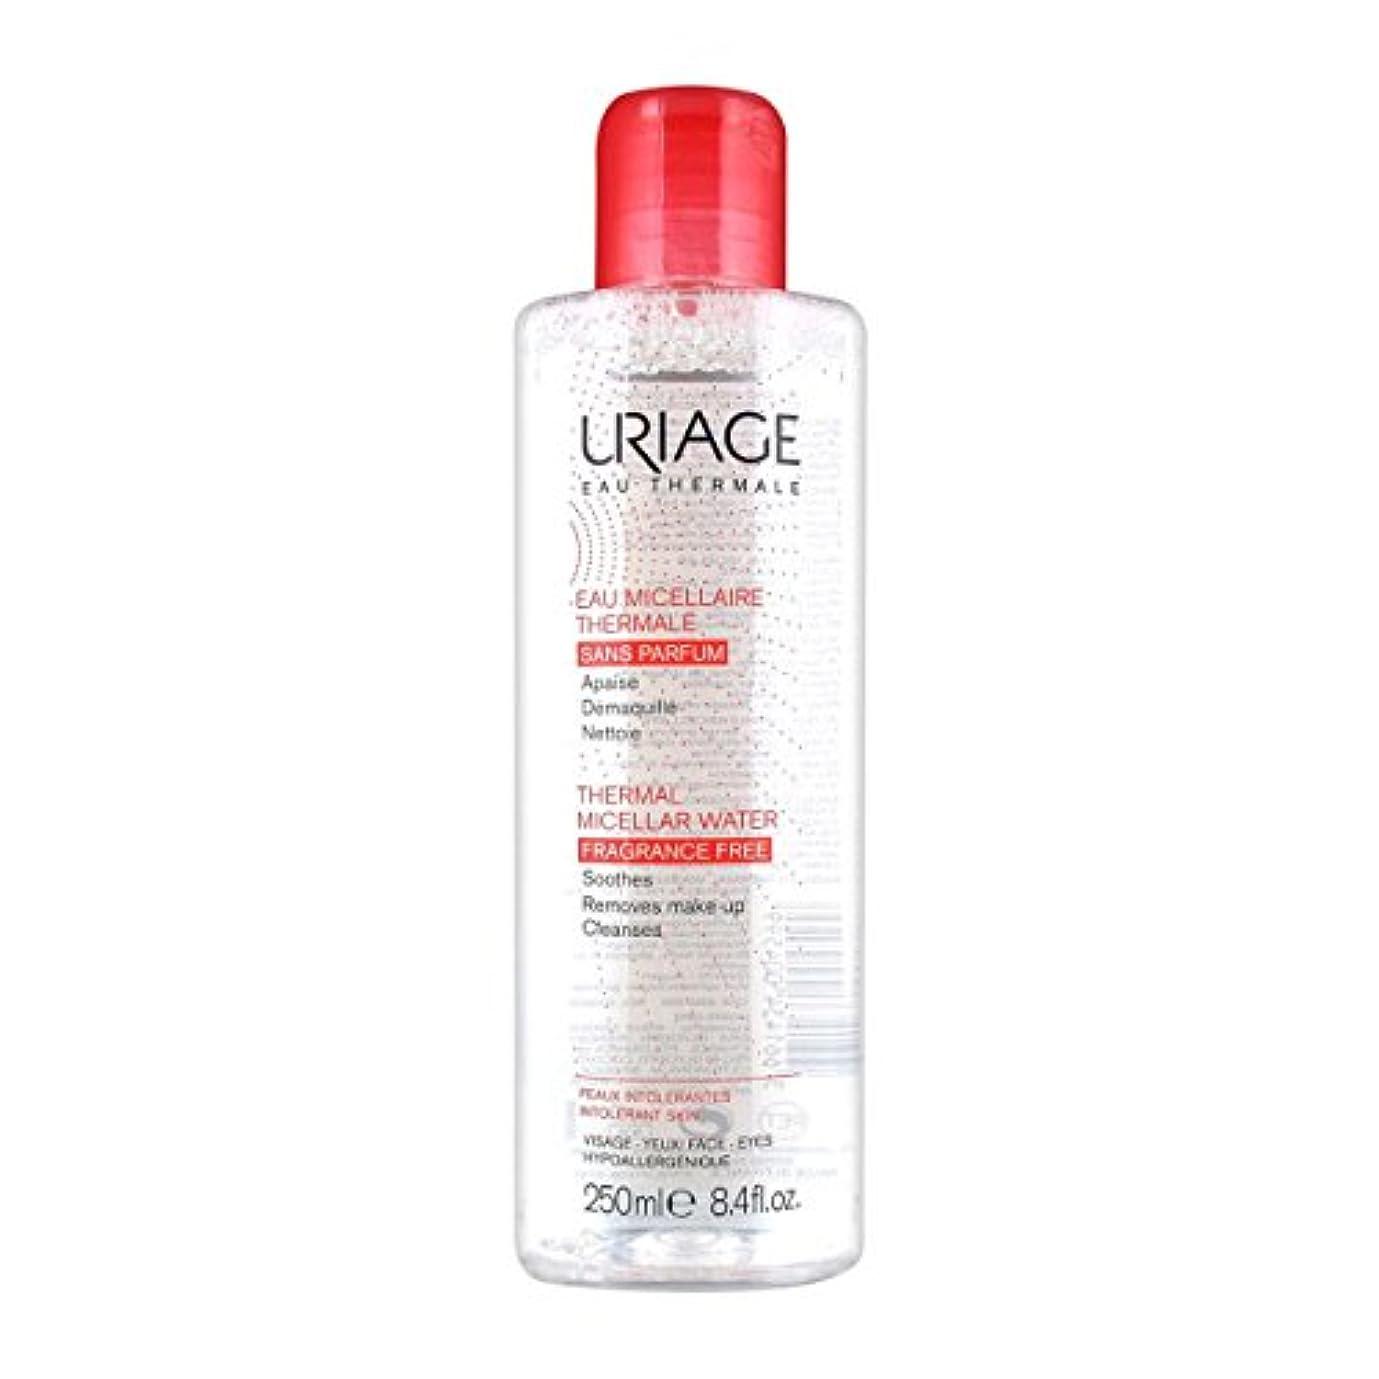 硫黄接続詞詐欺師Uriage Thermal Micellar Water Fragrance Free Intolerant Skin 250ml [並行輸入品]